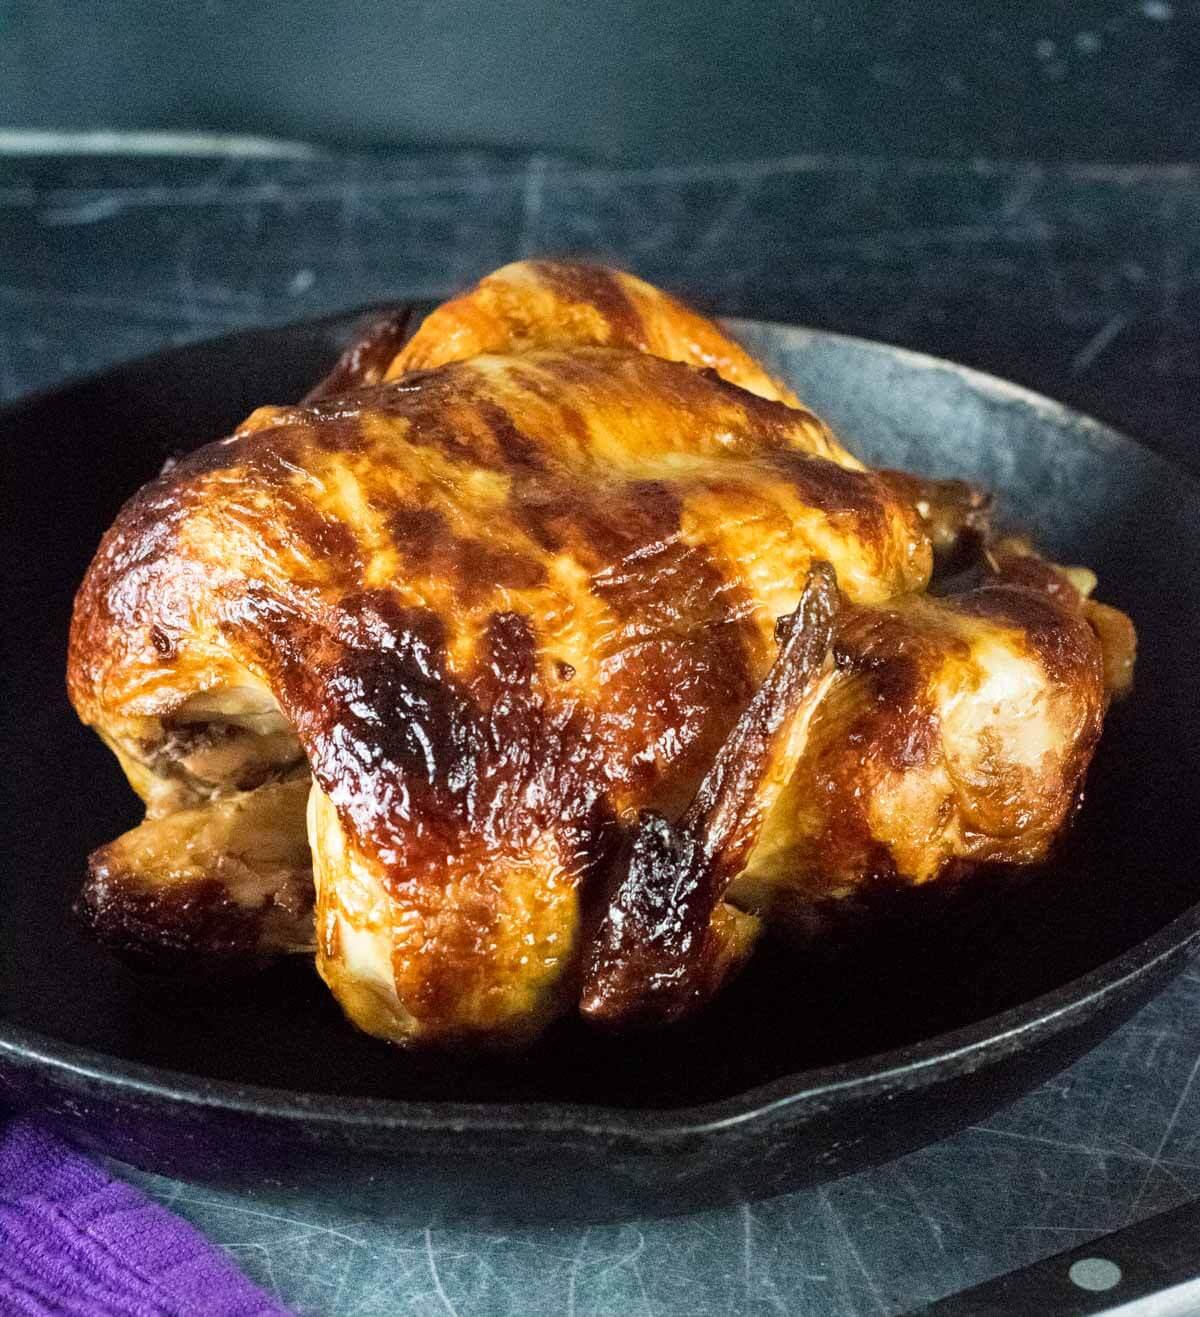 Rotisserie Chicken shown close up.